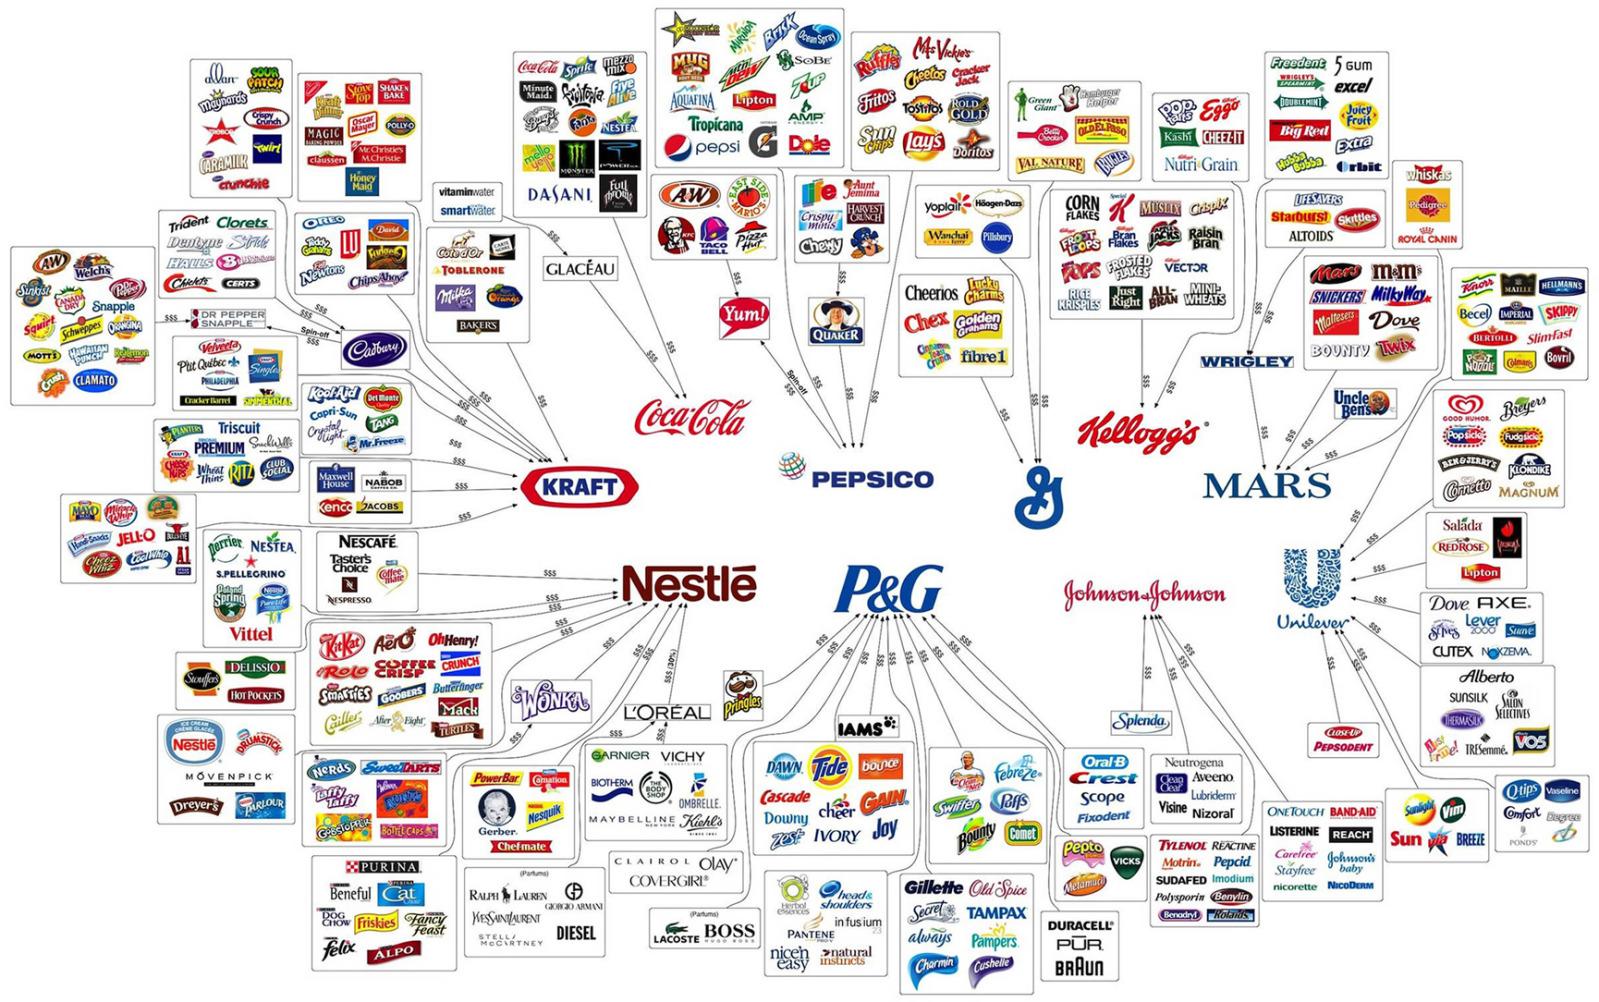 marcas mercado